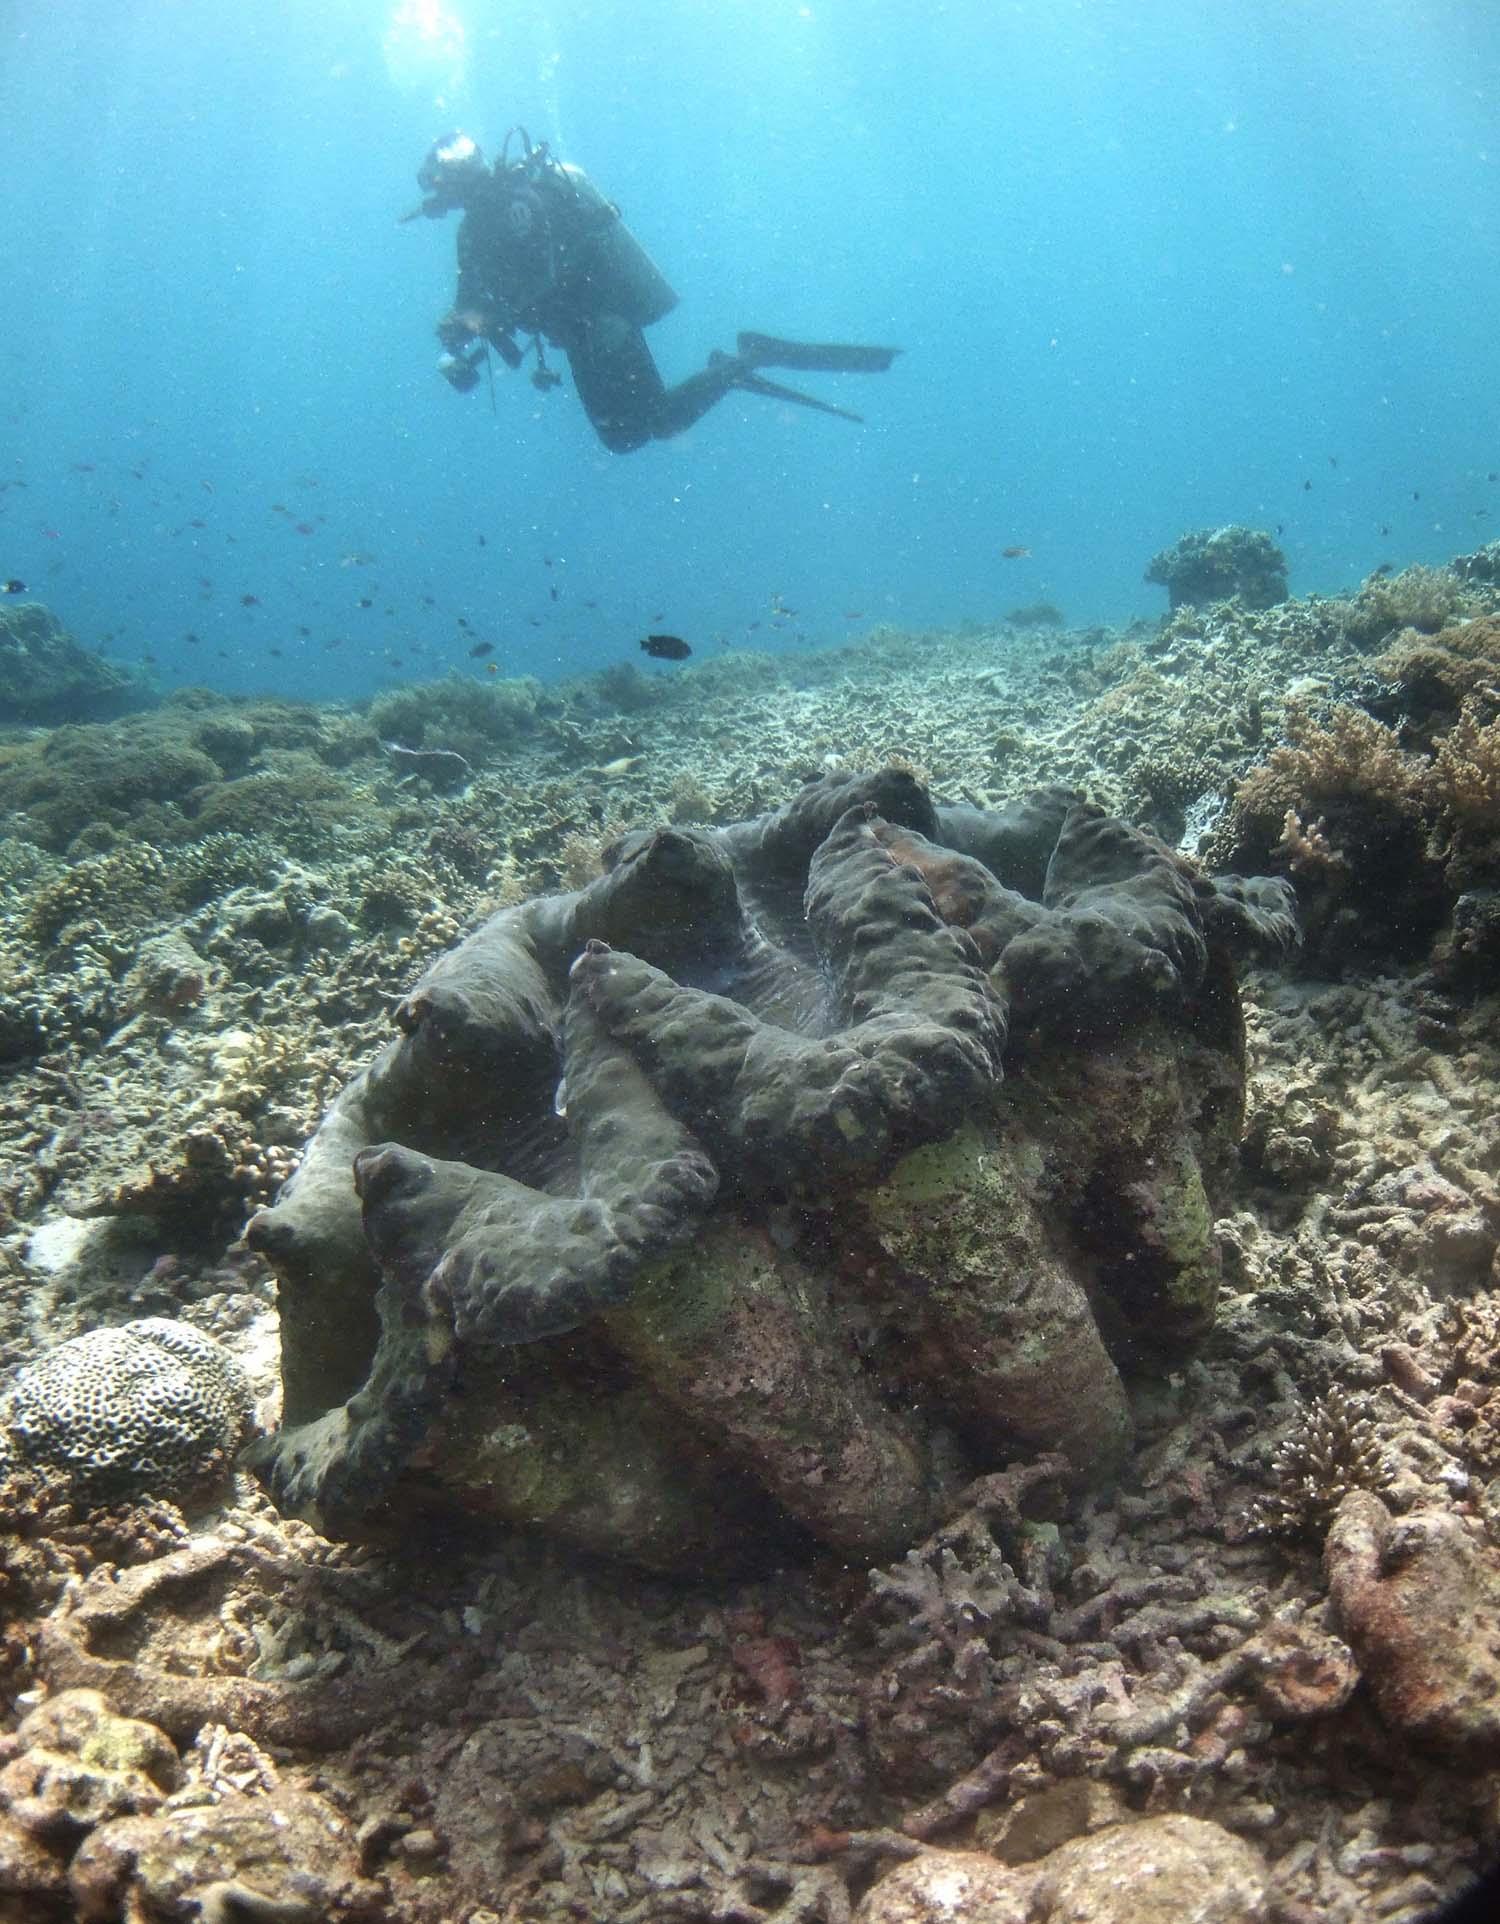 砗磲贝体型巨硕,是海洋生态的指标物种。(路透社)